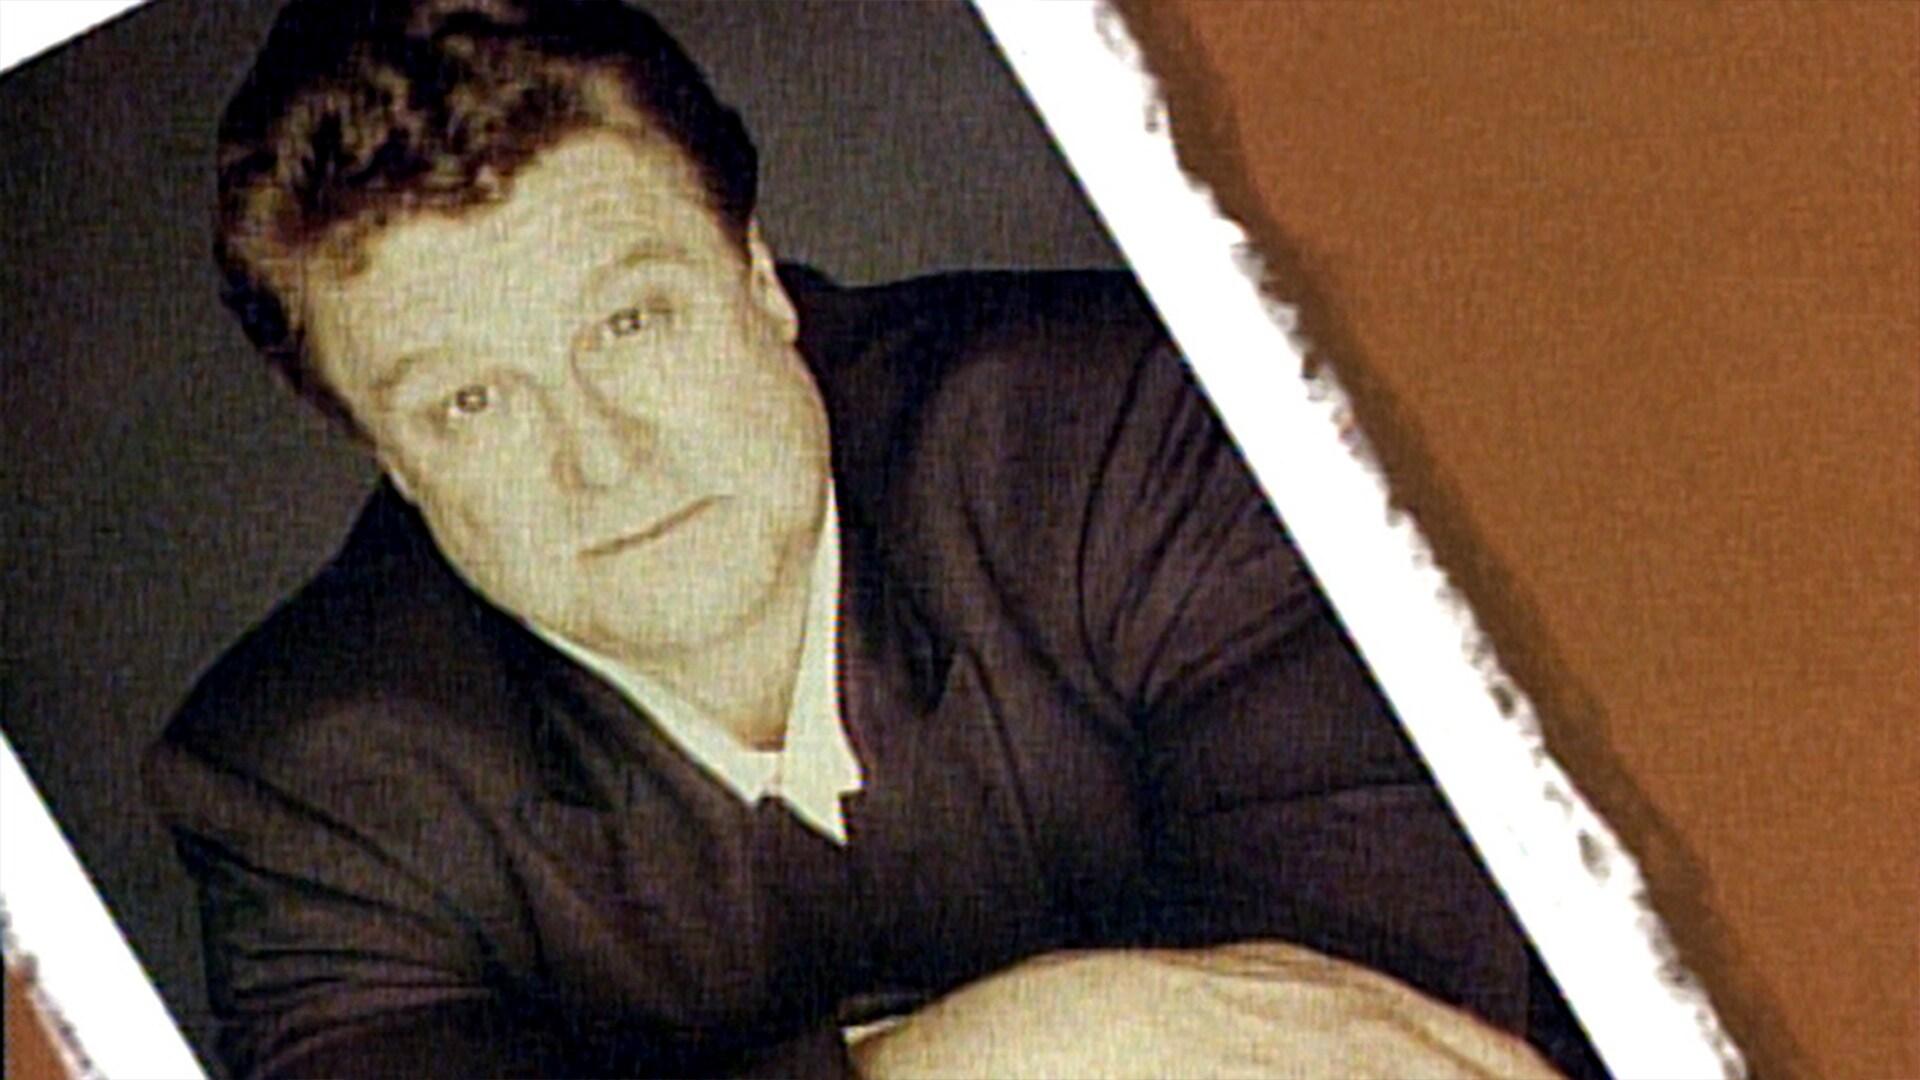 John Goodman: March 13, 1993